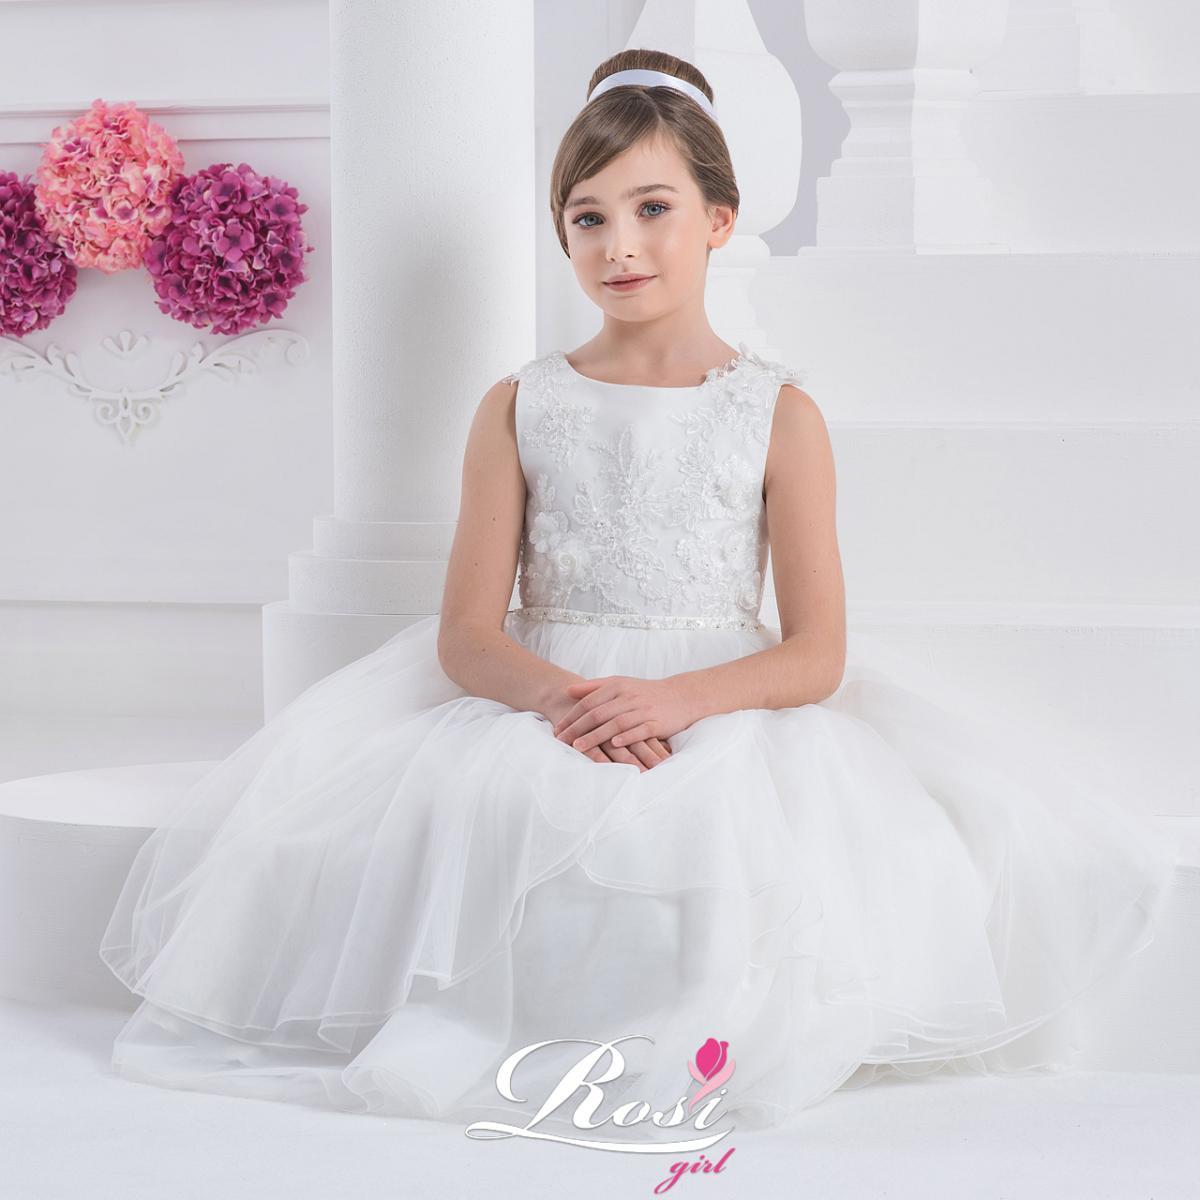 celli-spose-collezione-bambini-2019-rosi-girl-E3-F0901